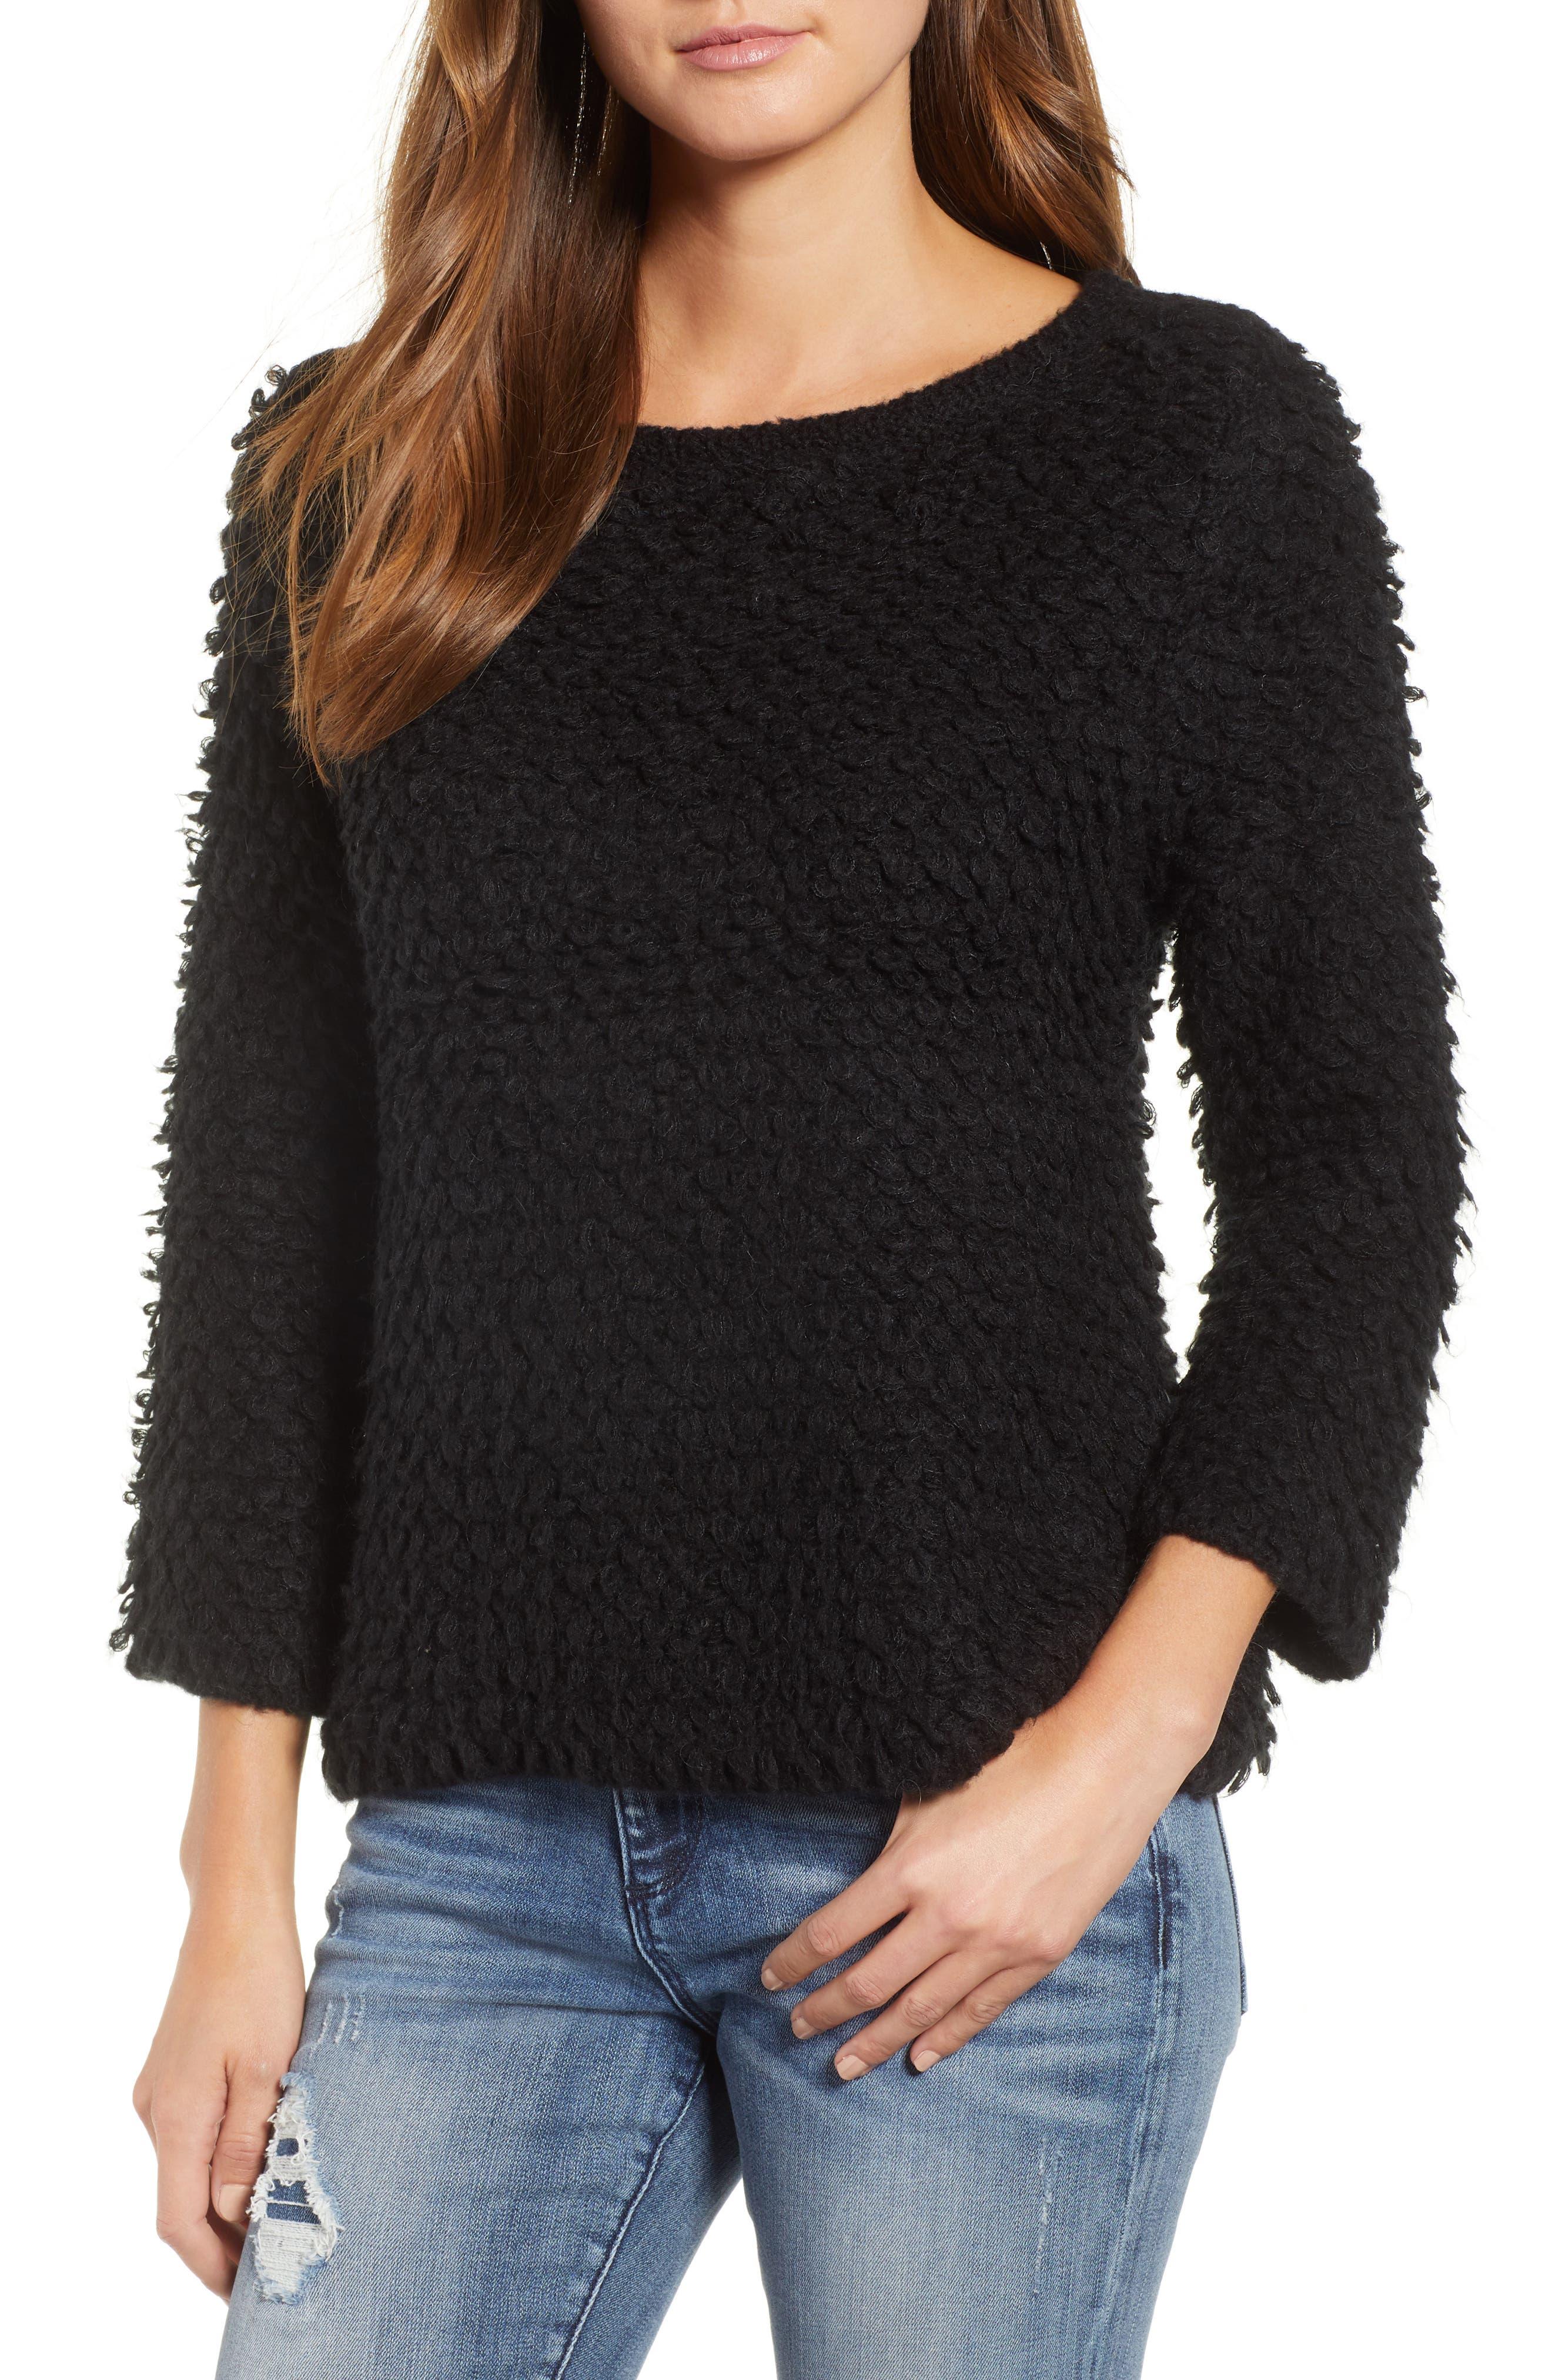 Loop Stitch Crewneck Sweater,                         Main,                         color, Black